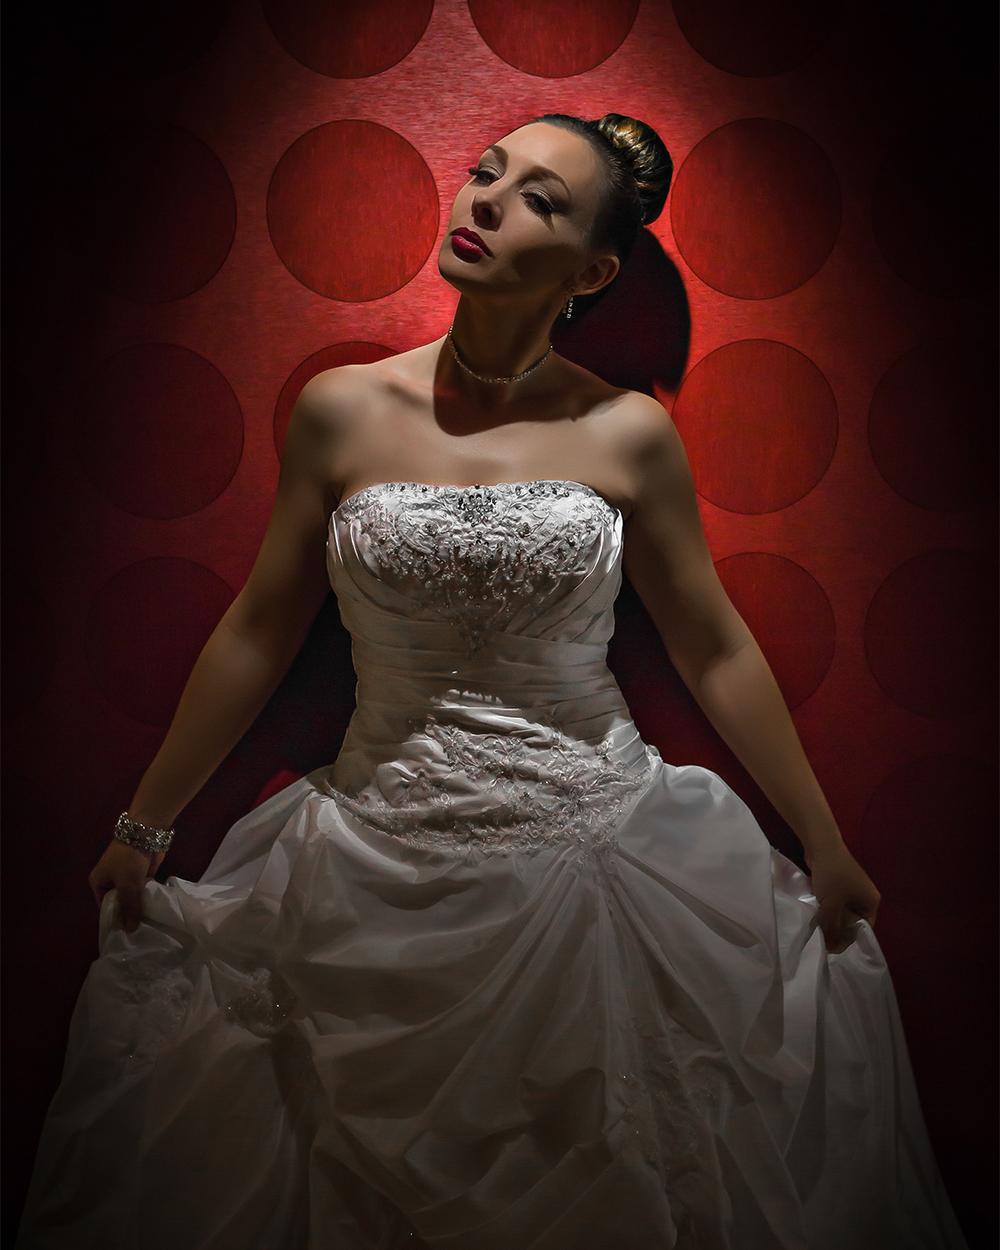 The Immortal Bride